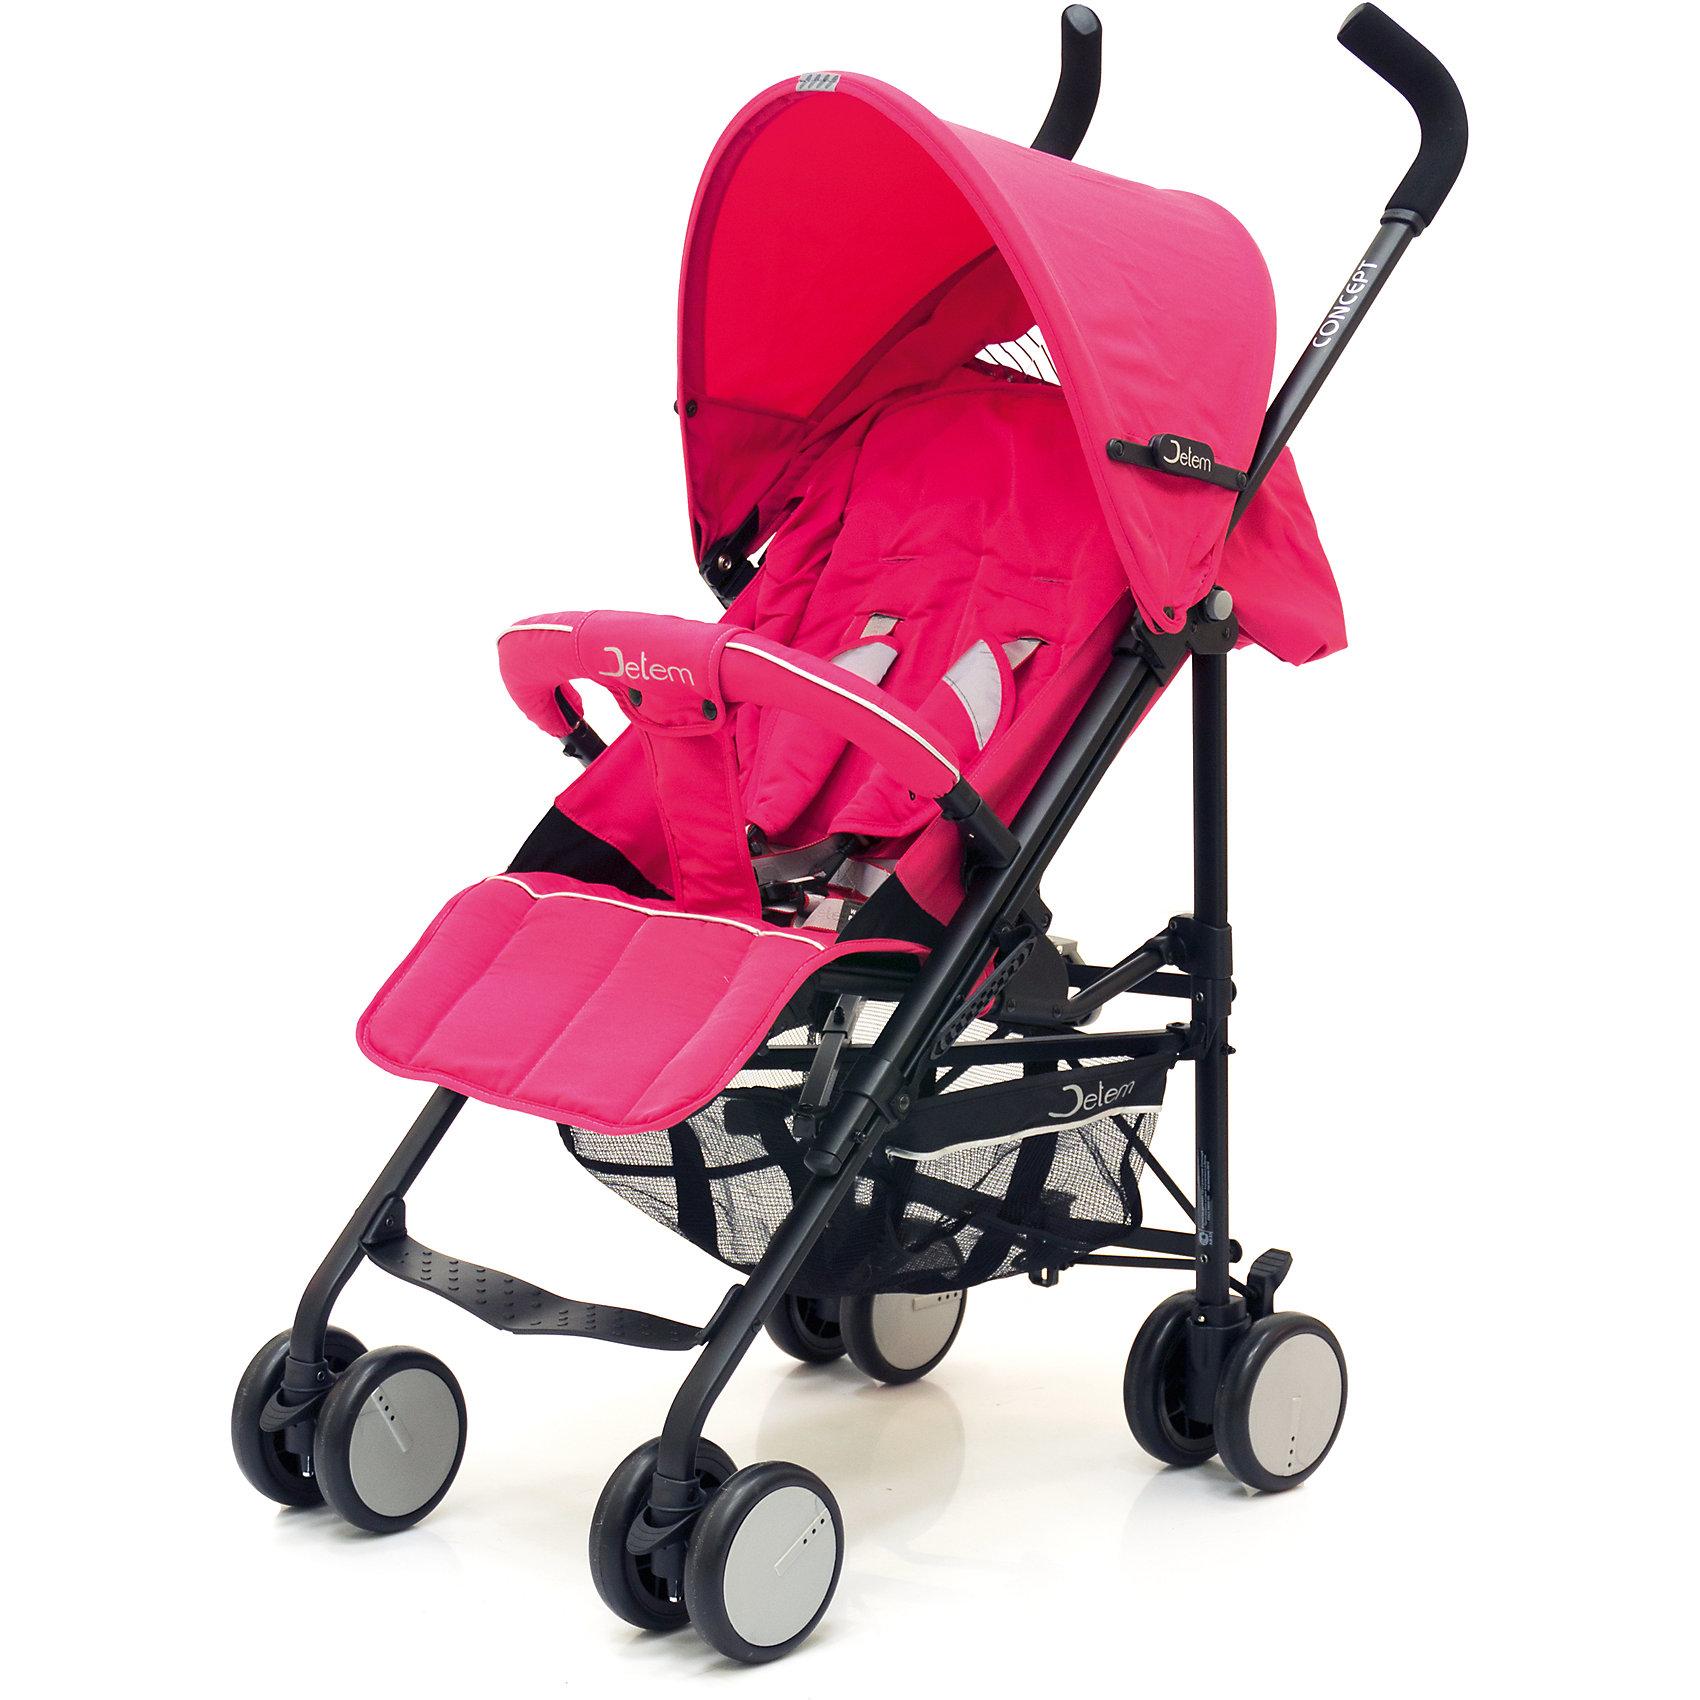 Коляска-трость Concept, Jetem, розовыйКоляска-трость Concept (Концепт), Jetem (Жэтэм), розовый – современная, легкая и прочная коляска с европейским дизайном. Она идеальна для прогулок и поездок за город в теплое время года. Большой капюшон со смотровым окном опускается почти до бампера, надежно закрывая малыша от ветра и осадков в непогоду и лучей яркого солнца. Благодаря четырем парам сдвоенных колес, передние из которых поворотные с блокировкой, коляска отличается маневренностью, устойчивостью и легкостью управления. <br><br>Характеристики:<br>-Тип: прогулочная<br>-Цвет: розовый<br>-Очень широкое и длинное спальное место<br>-Плотная спинка раскладывается в 3-х положениях до 170 градусов<br>-5-ти точечные ремни безопасности<br>-Мягкие наплечники на ремнях безопасности со светоотражающими строчками<br>-Съемный барьер-бампер<br>-Регулируемая верхняя подножка удлиняет спальное место коляски<br>-Плавающие передние колеса имеют фиксатор<br>-Непромокаемые гипоаллергенные ткани<br>-Тип колес: сдвоенные<br>-Механизм складывания: трость<br>-Облегченная алюминиевая рама<br>-Легкое складывание и компактность  <br><br>Комплектация: корзина для покупок, дождевик с перфорацией для воздуха, чехол для ножек<br><br>Дополнительная информация:<br>-Диаметр колес: 12, 5 см<br>-Спальное место: 34х64 см<br>-Вес коляски: 8,4 кг<br>-Материалы: текстиль, алюминий, пластик<br>-Расстояние до сиденья от пола: 40 см<br>-Размеры в сложенном виде: 25х100 см<br>-Диаметр колес: 14,5 см<br>-Ширина колесной базы: 48 см<br><br>Покупка коляски Concept (Концепт), Jetem (Жэтэм), розовый – это верное решение современных мам, которые ценят комфорт малыша, а также его удобство!<br><br>Коляска-трость Concept (Концепт), Jetem (Жэтэм), розовый можно купить в нашем магазине.<br><br>Ширина мм: 1000<br>Глубина мм: 280<br>Высота мм: 200<br>Вес г: 9300<br>Возраст от месяцев: 6<br>Возраст до месяцев: 36<br>Пол: Унисекс<br>Возраст: Детский<br>SKU: 4125344